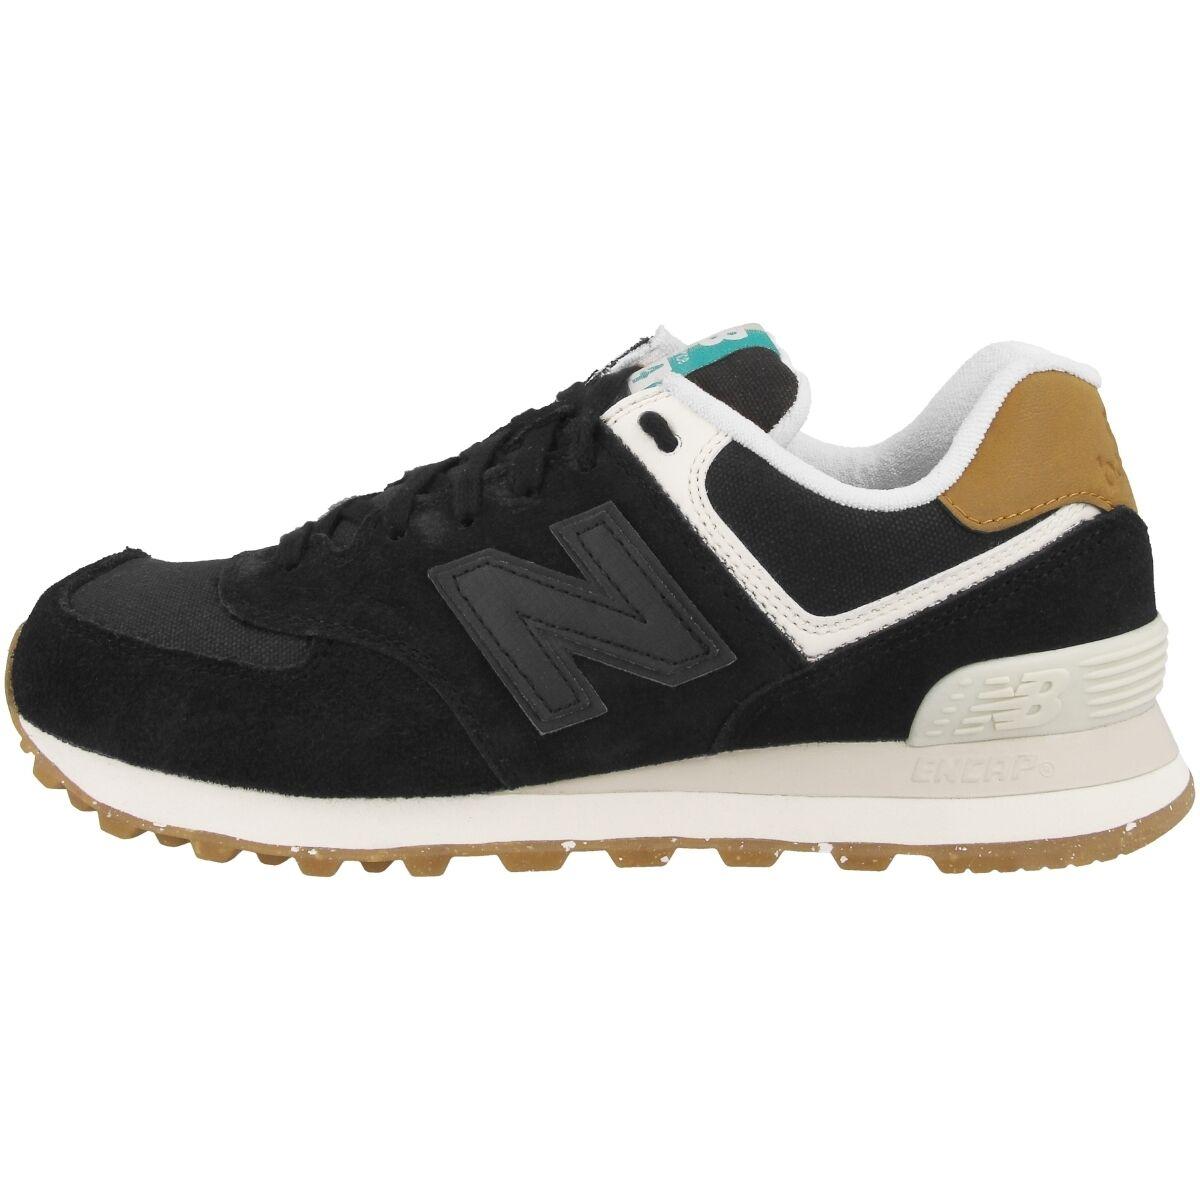 New balance WL 574 sec mujer zapatos negro negro negro powder cortos señora ml 410 wl574sec  online al mejor precio